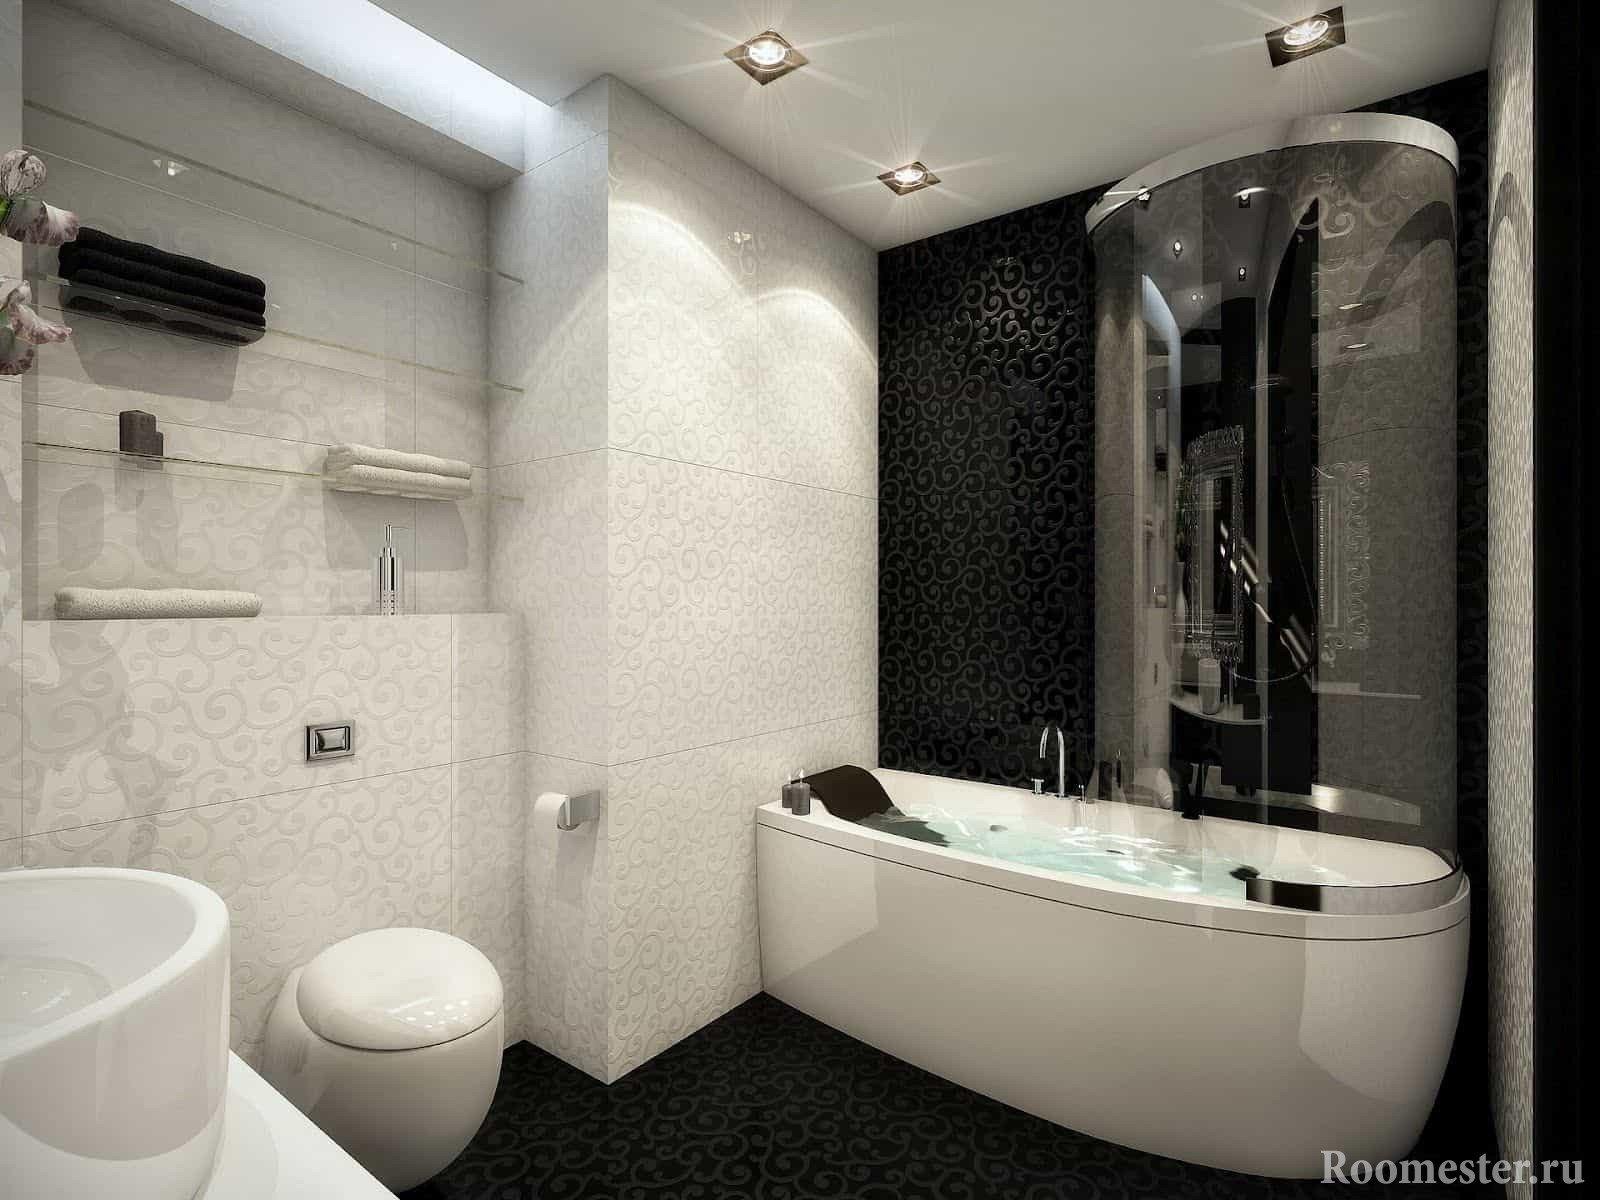 Сочетание белой и черной плитки в ванной комнате